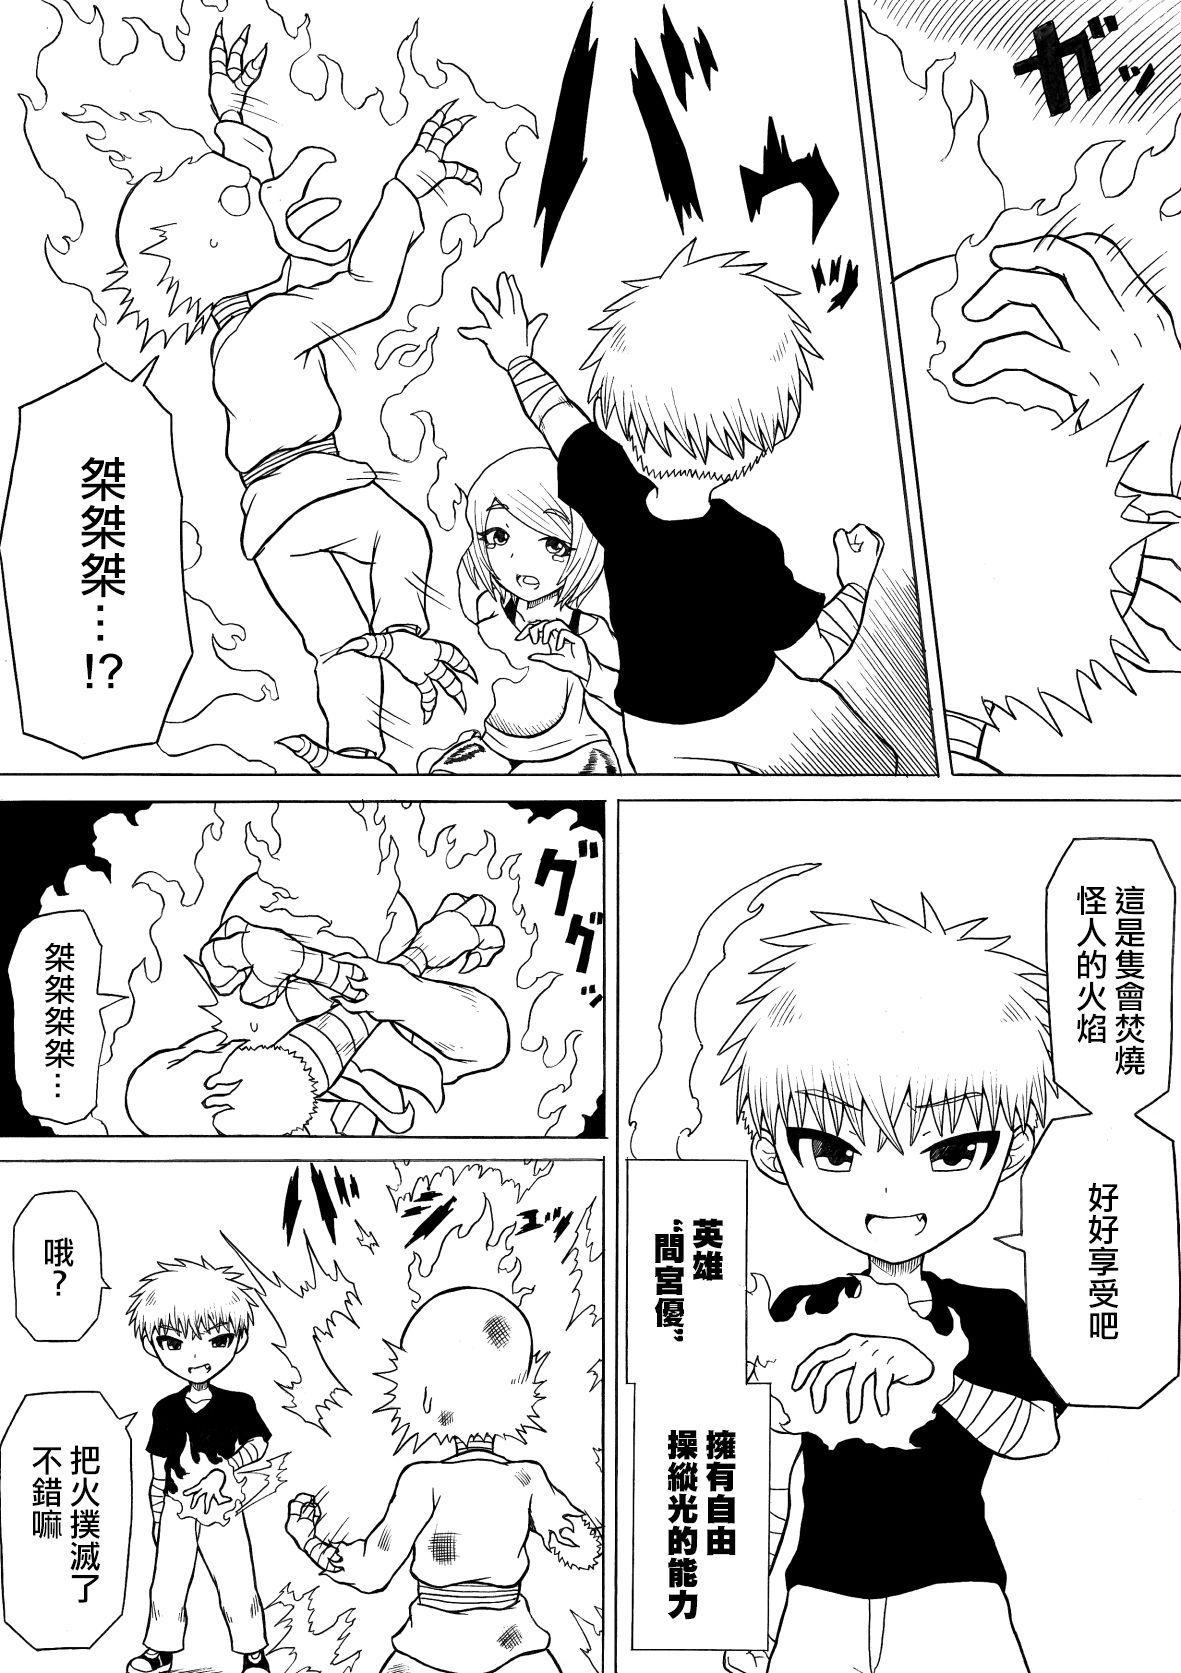 [Saga no Tame no Saga (Ratoo)] Hero haiboku ~ hajimari to owari ~ | 英雄敗北 ~起始與完結~ [Chinese] [沒有漢化] 5